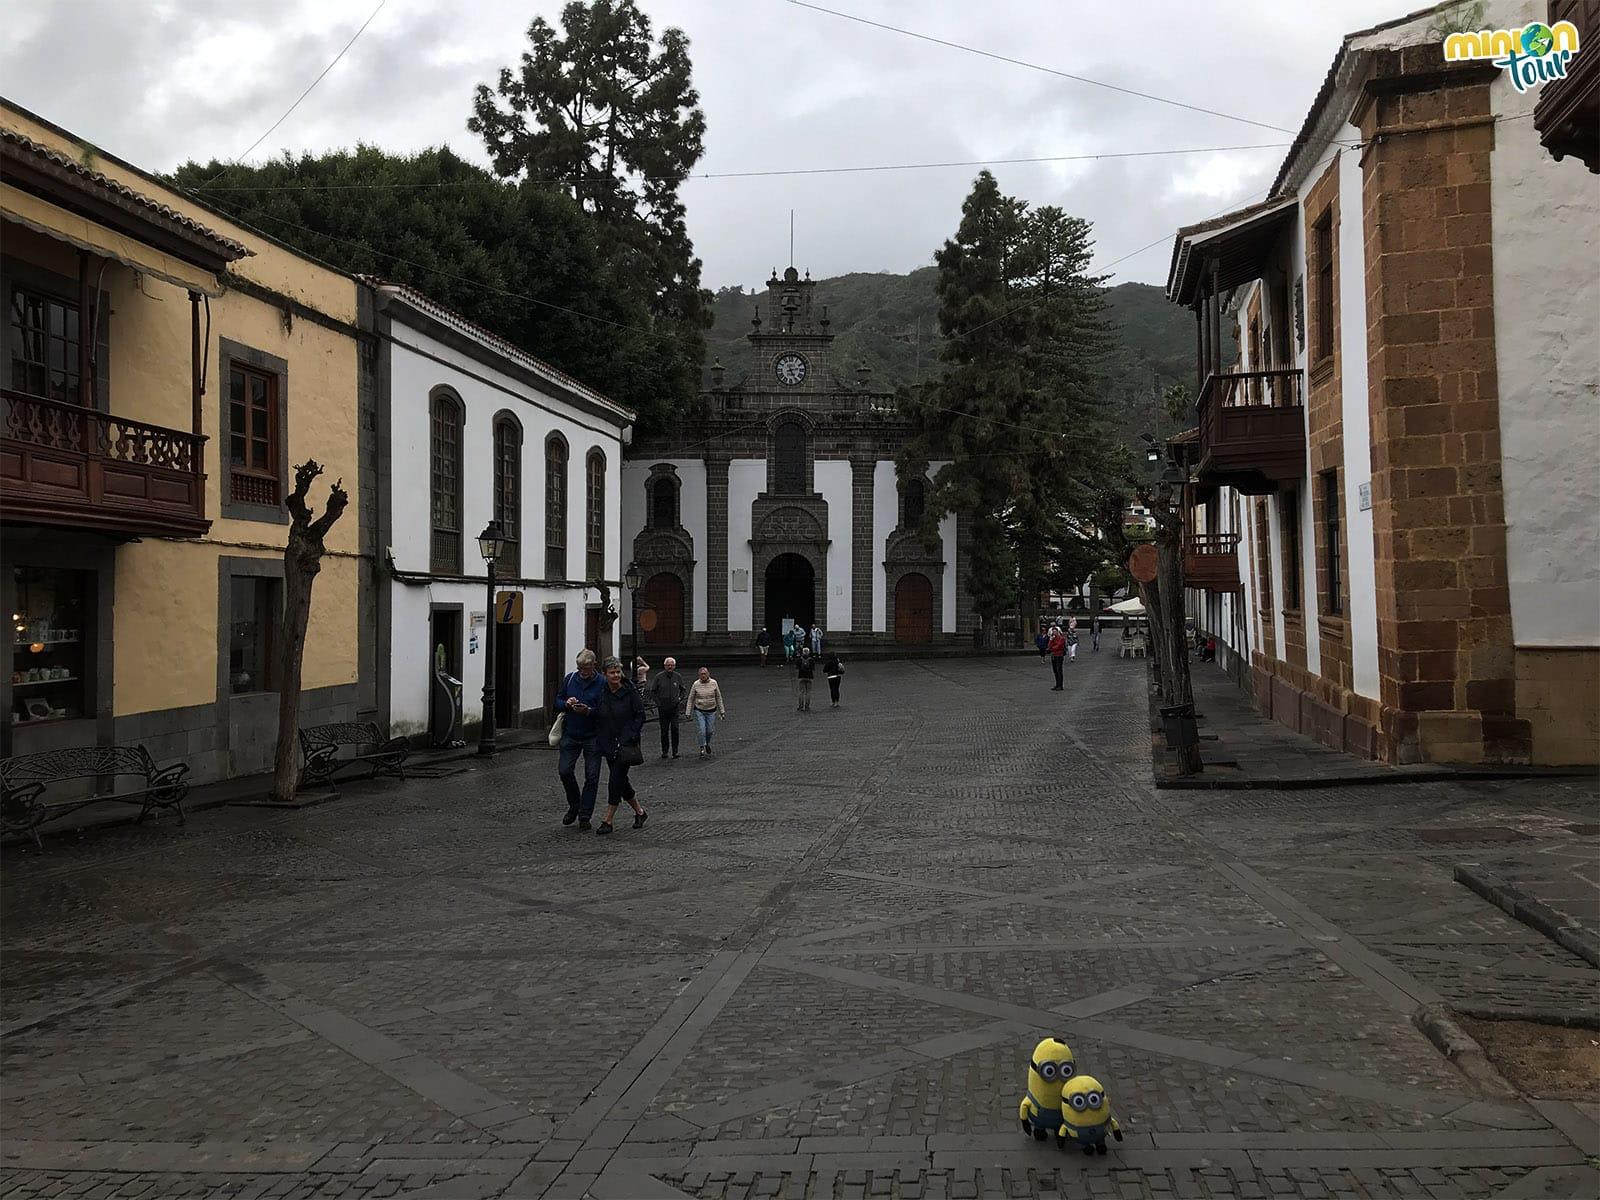 Calle principal de Teror, un pueblo chulo en nuestra ruta por el norte de Gran Canaria